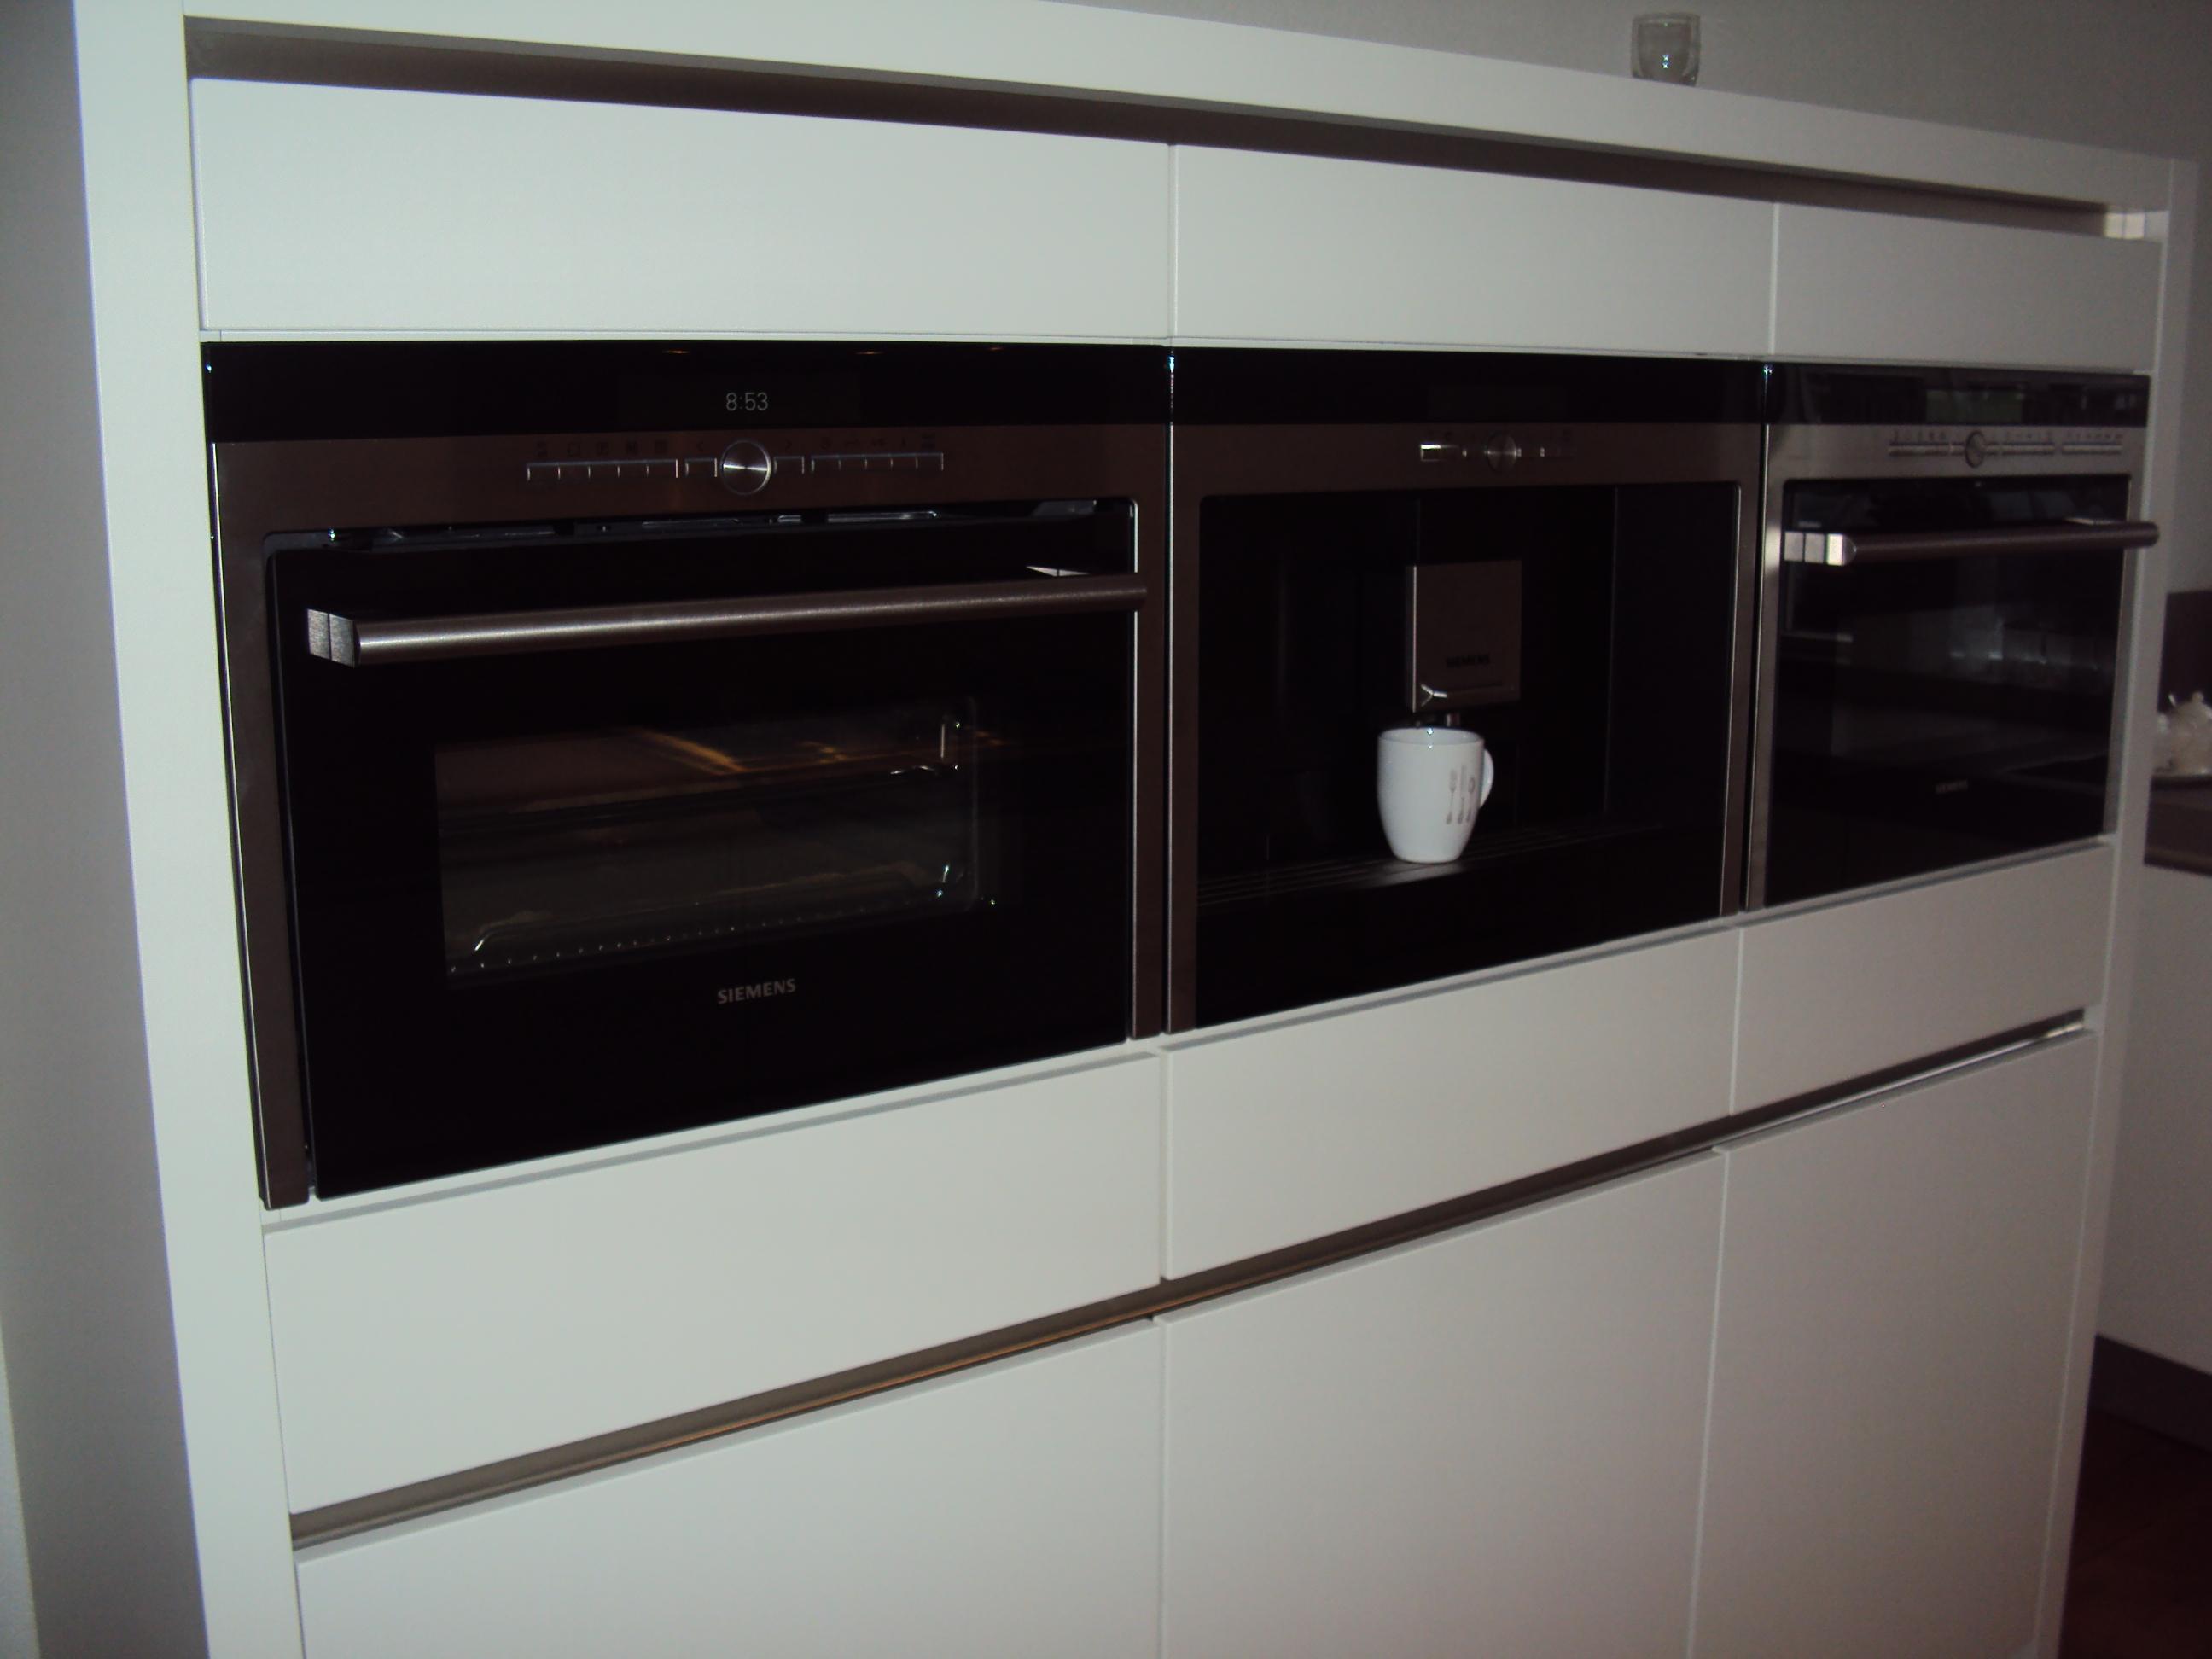 Inbouwapparatuur keuken siemens ontwerp keuken accessoires